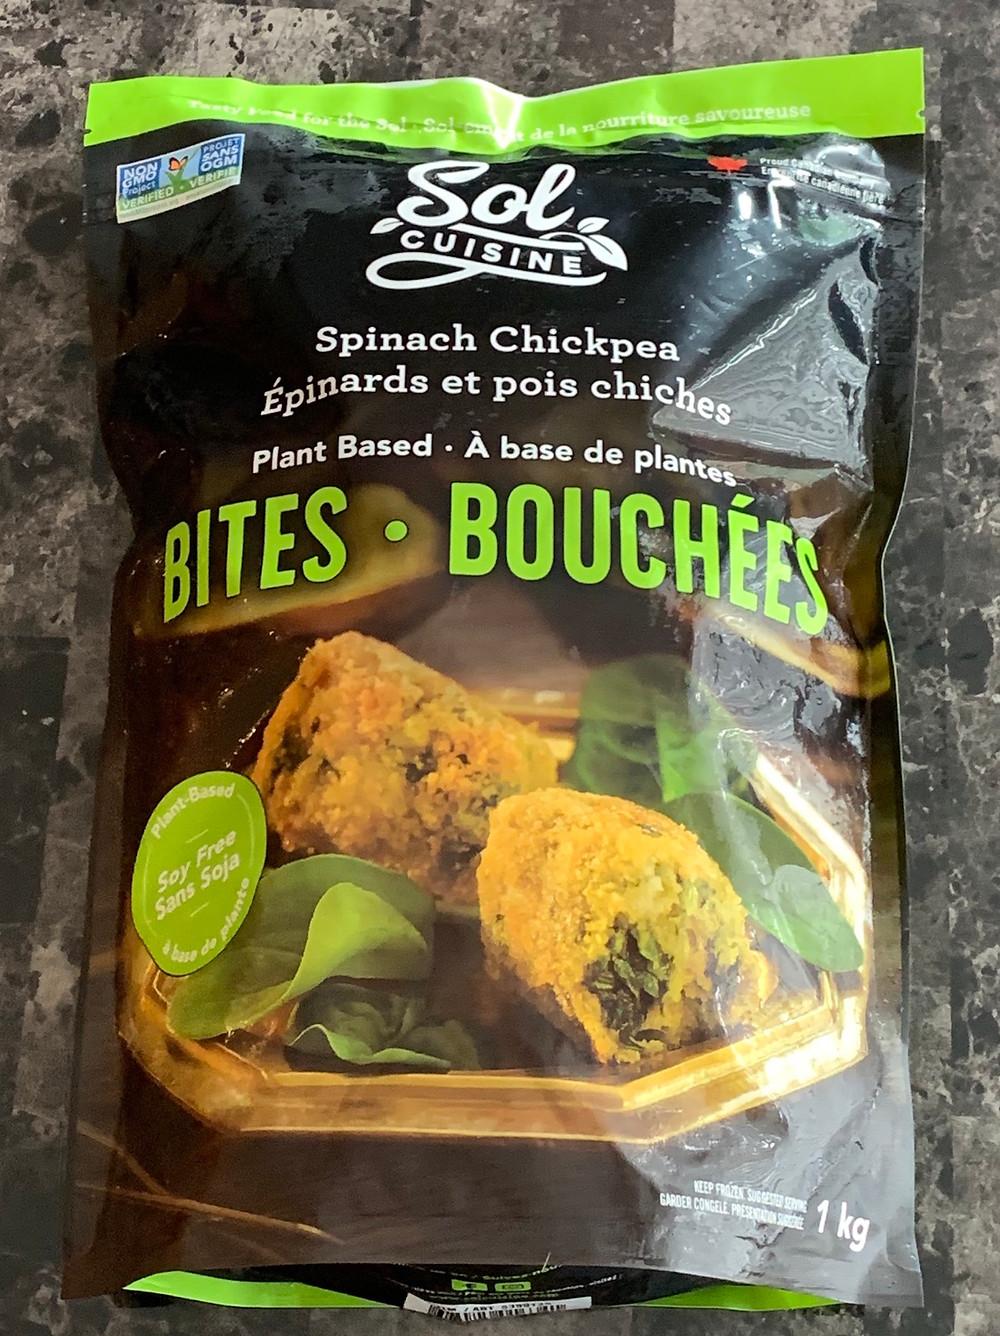 Sol Cuisine Spinach Chickpea Bites